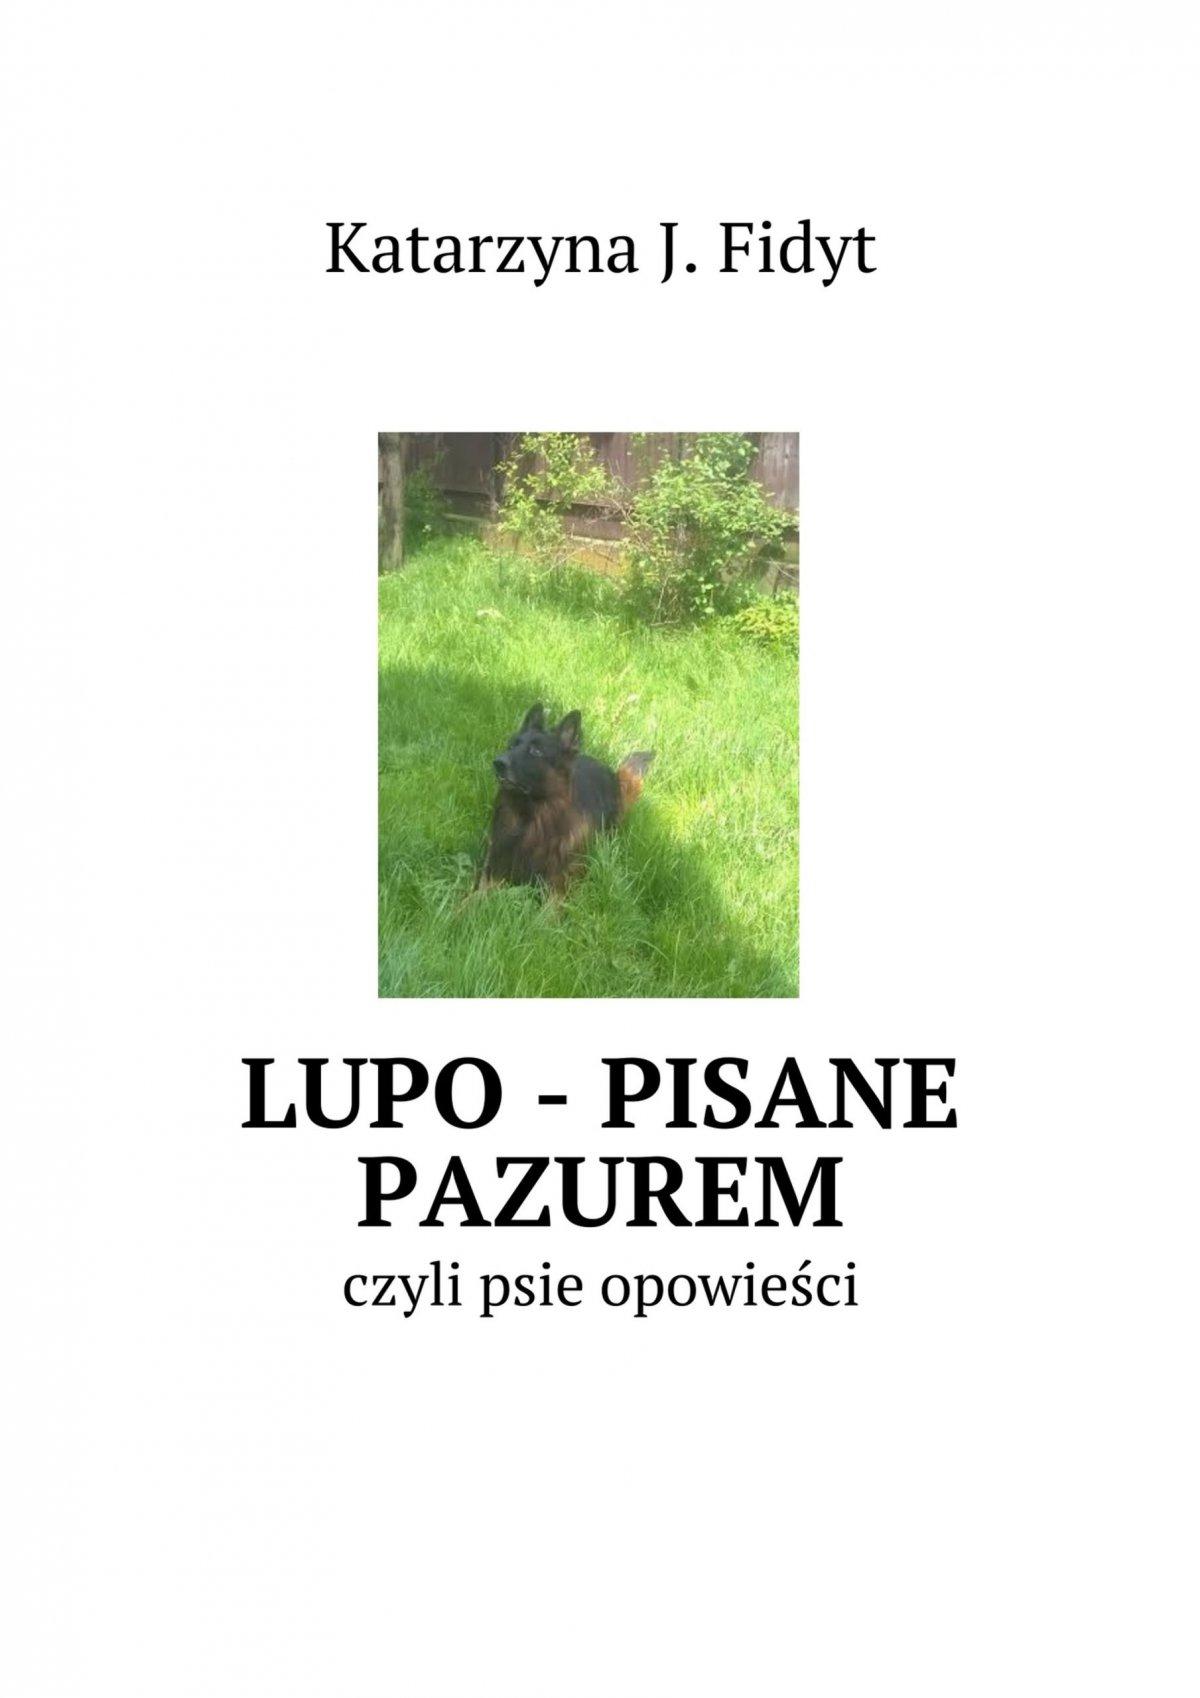 Lupo - pisane pazurem - Ebook (Książka na Kindle) do pobrania w formacie MOBI